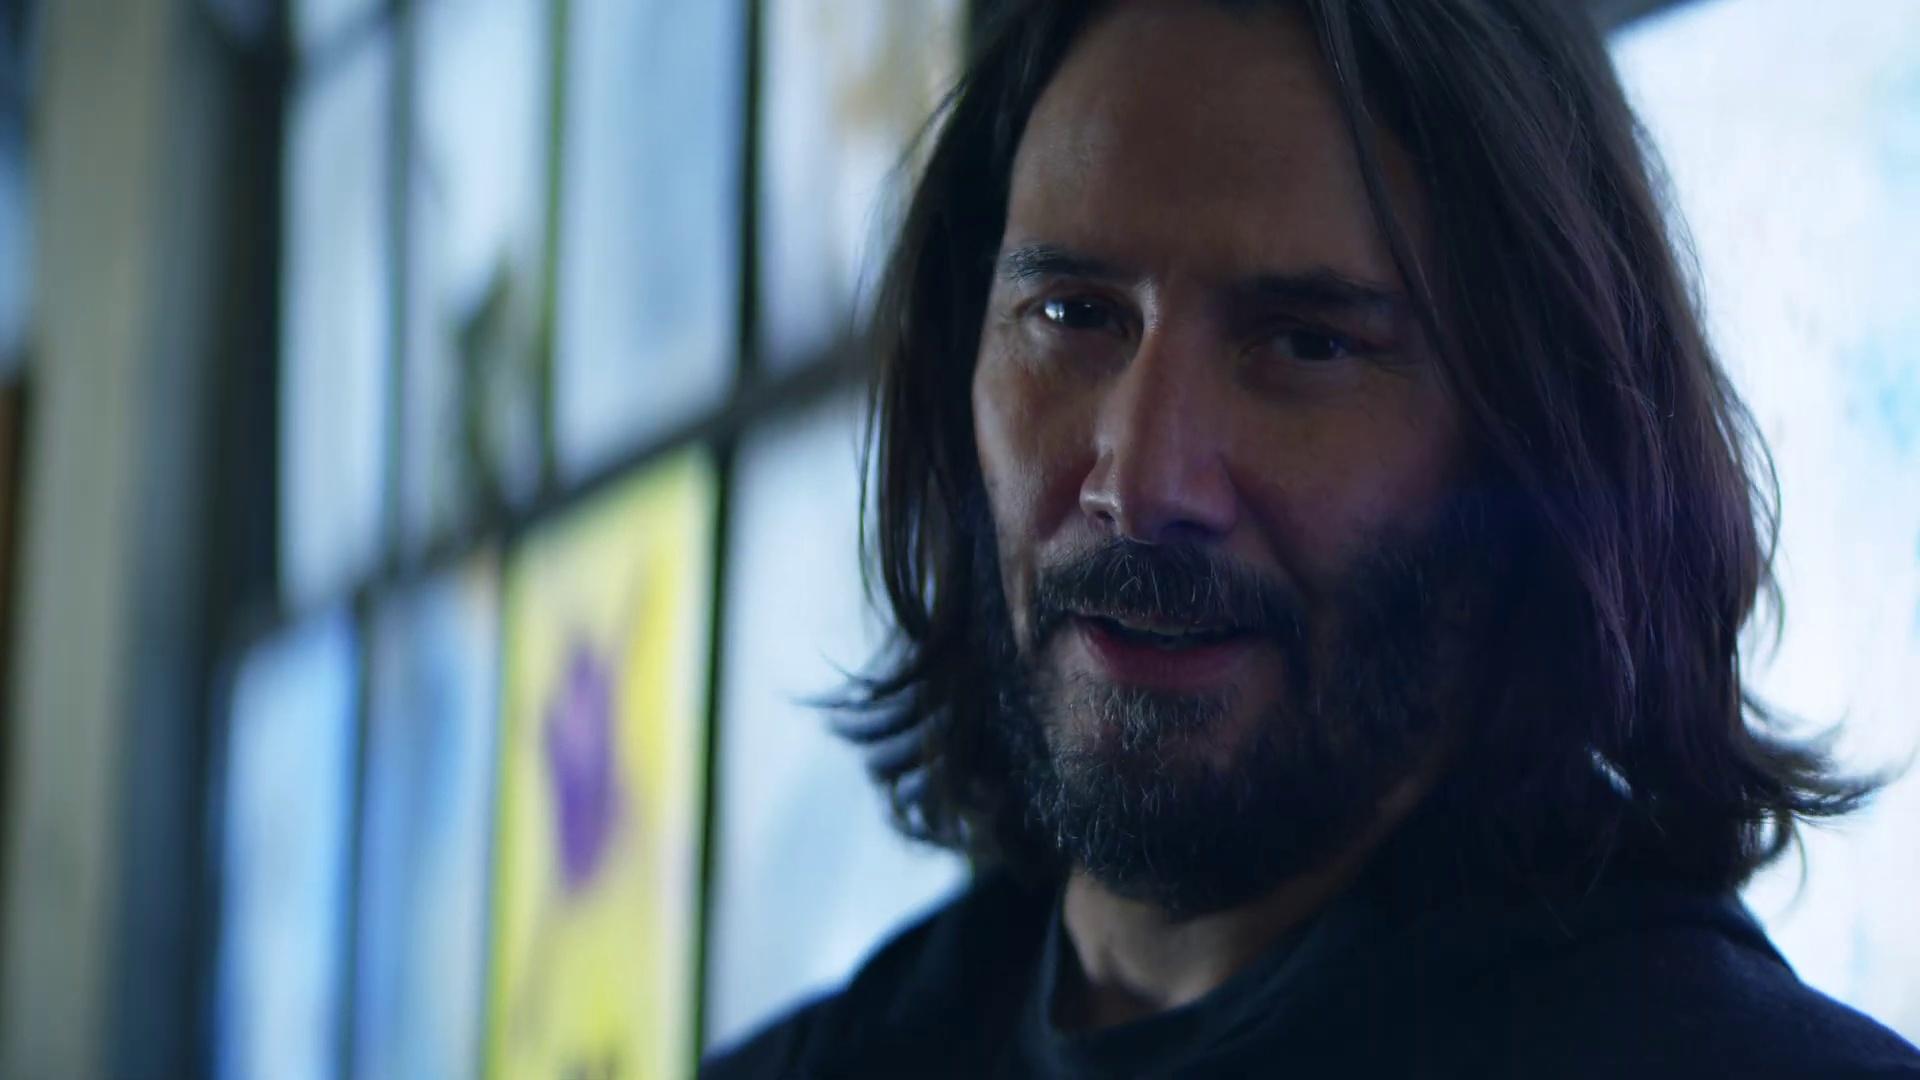 Neuer Teaser zu Cyberpunk 2077 - Keanu Reeves will wissen, was ihr wollt